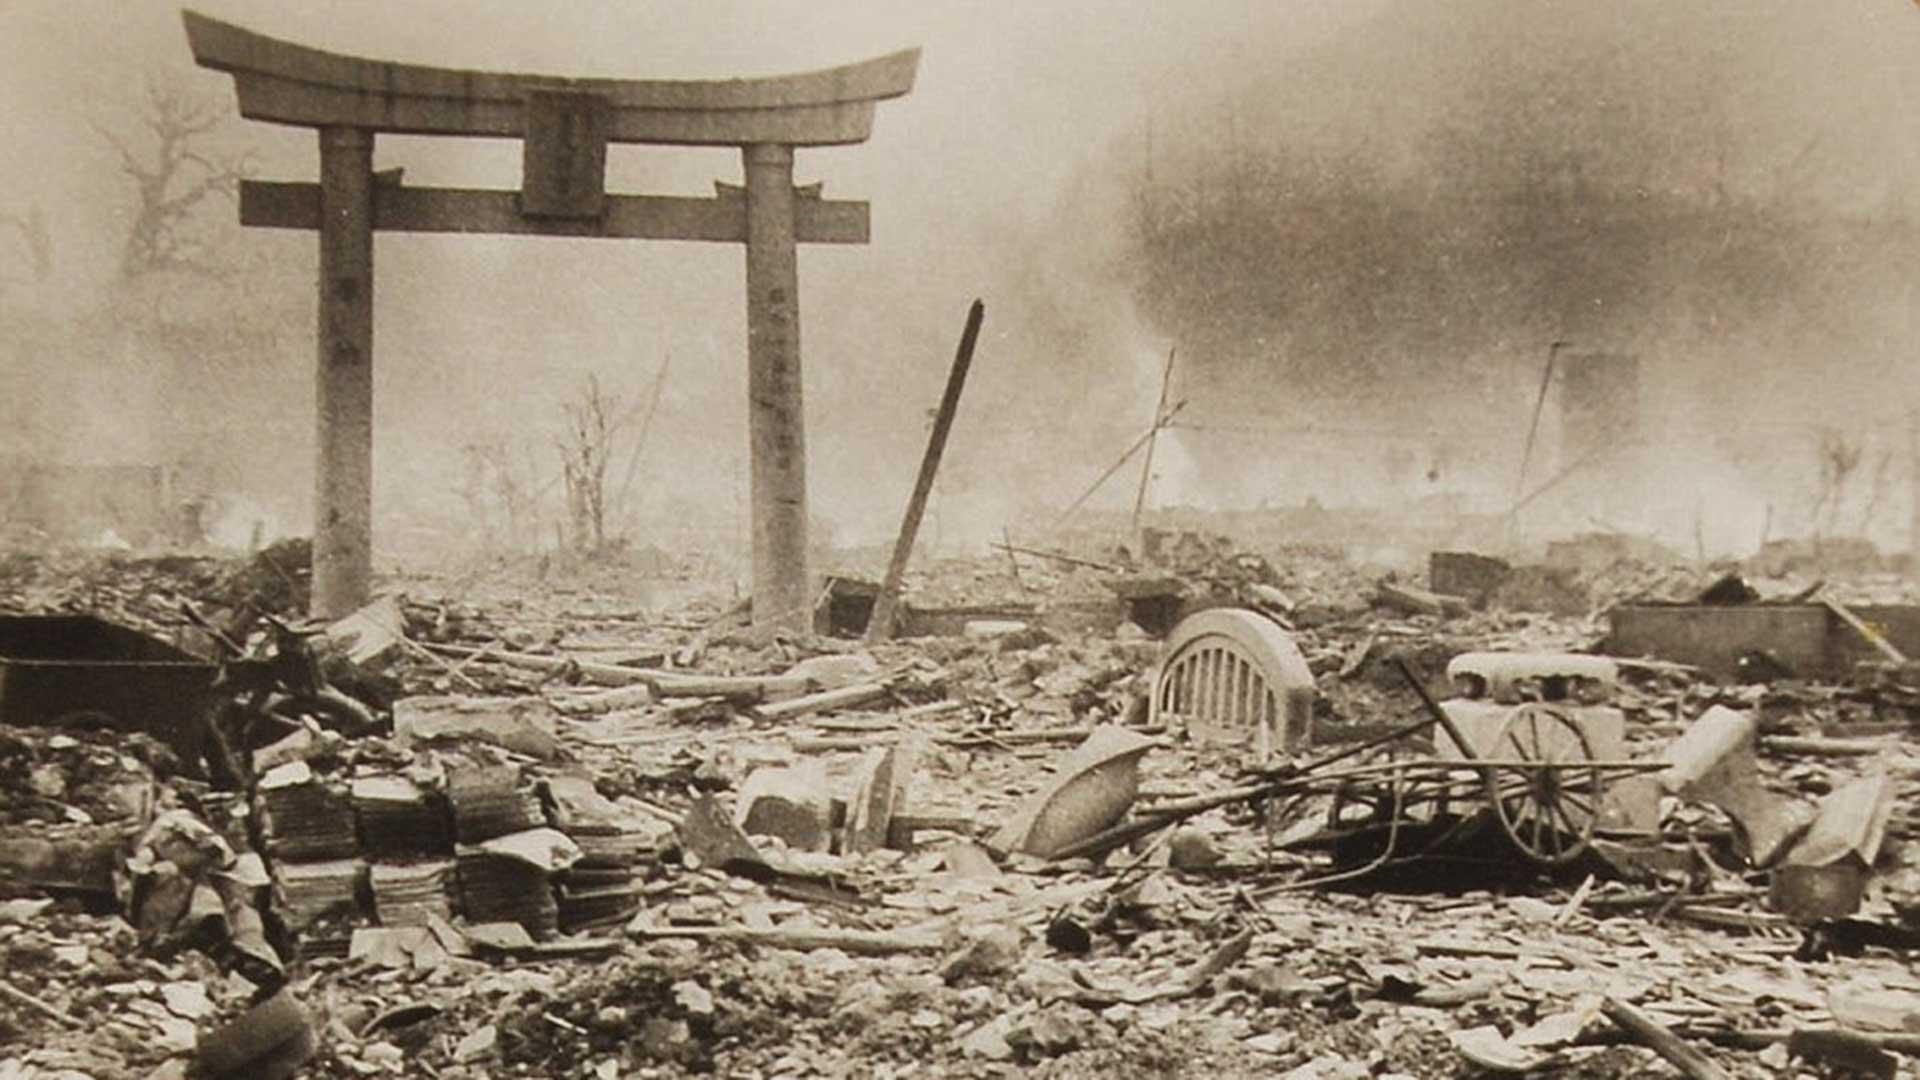 Una imagen de la destrucción de Nagasaki